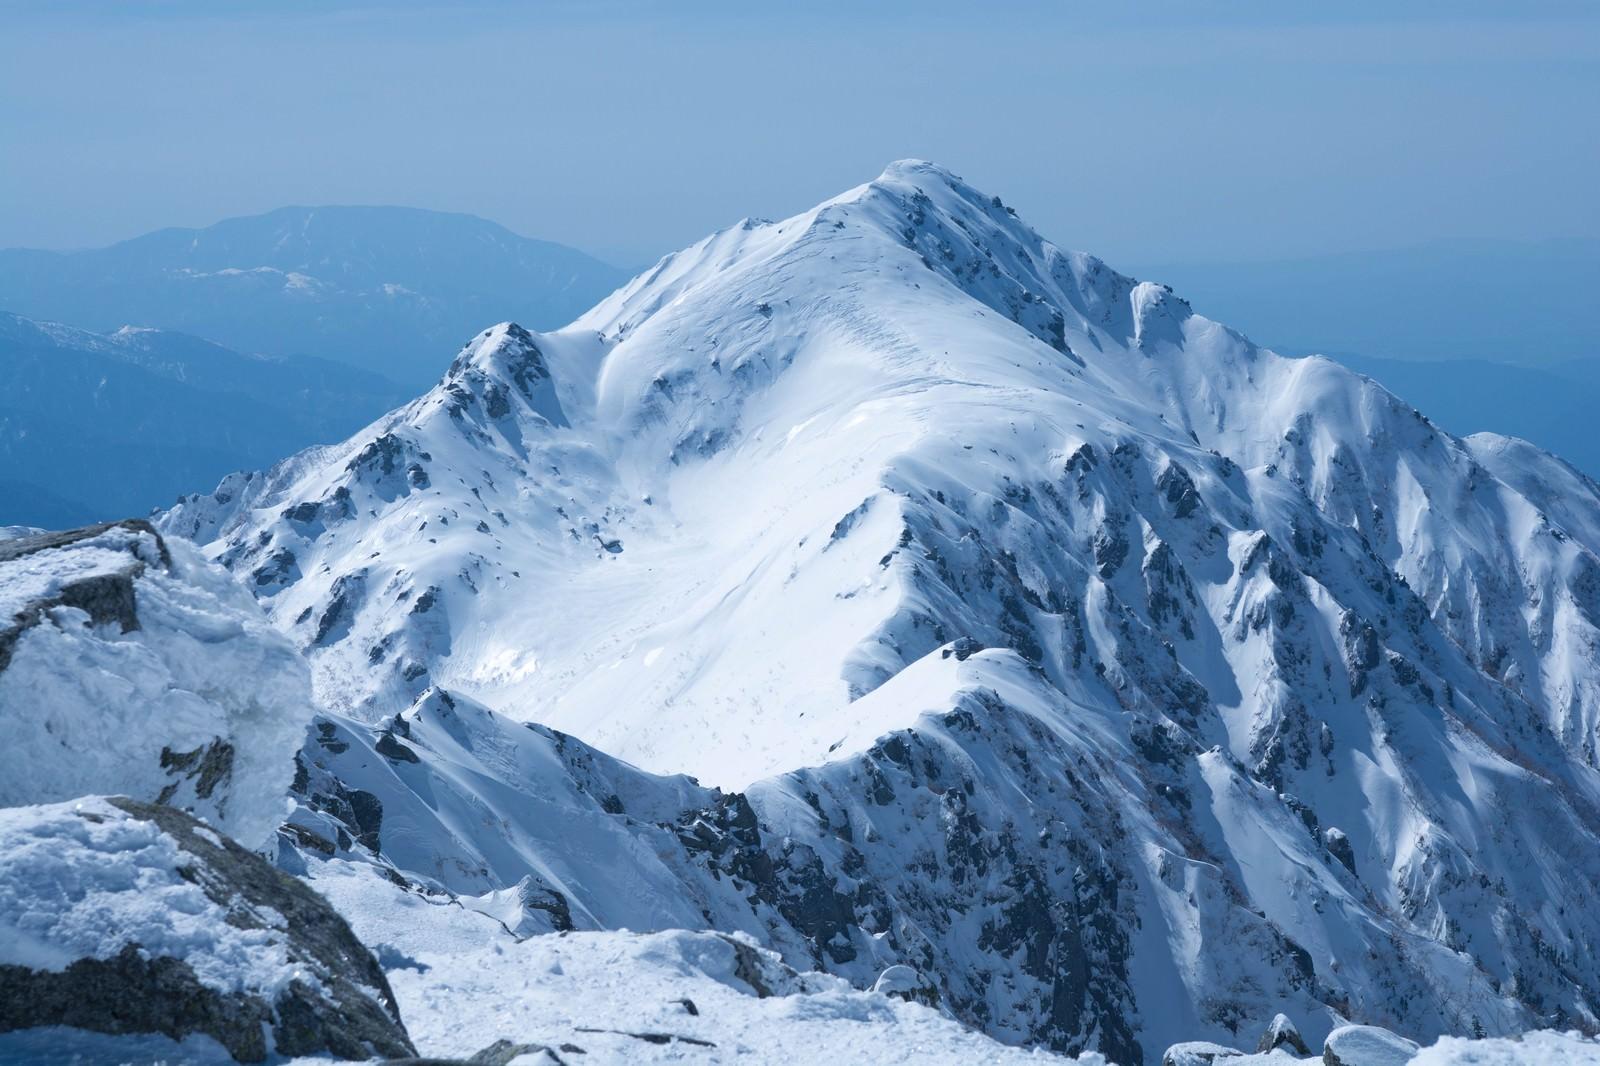 「凍てつく三ノ沢岳(雪山) | 写真の無料素材・フリー素材 - ぱくたそ」の写真